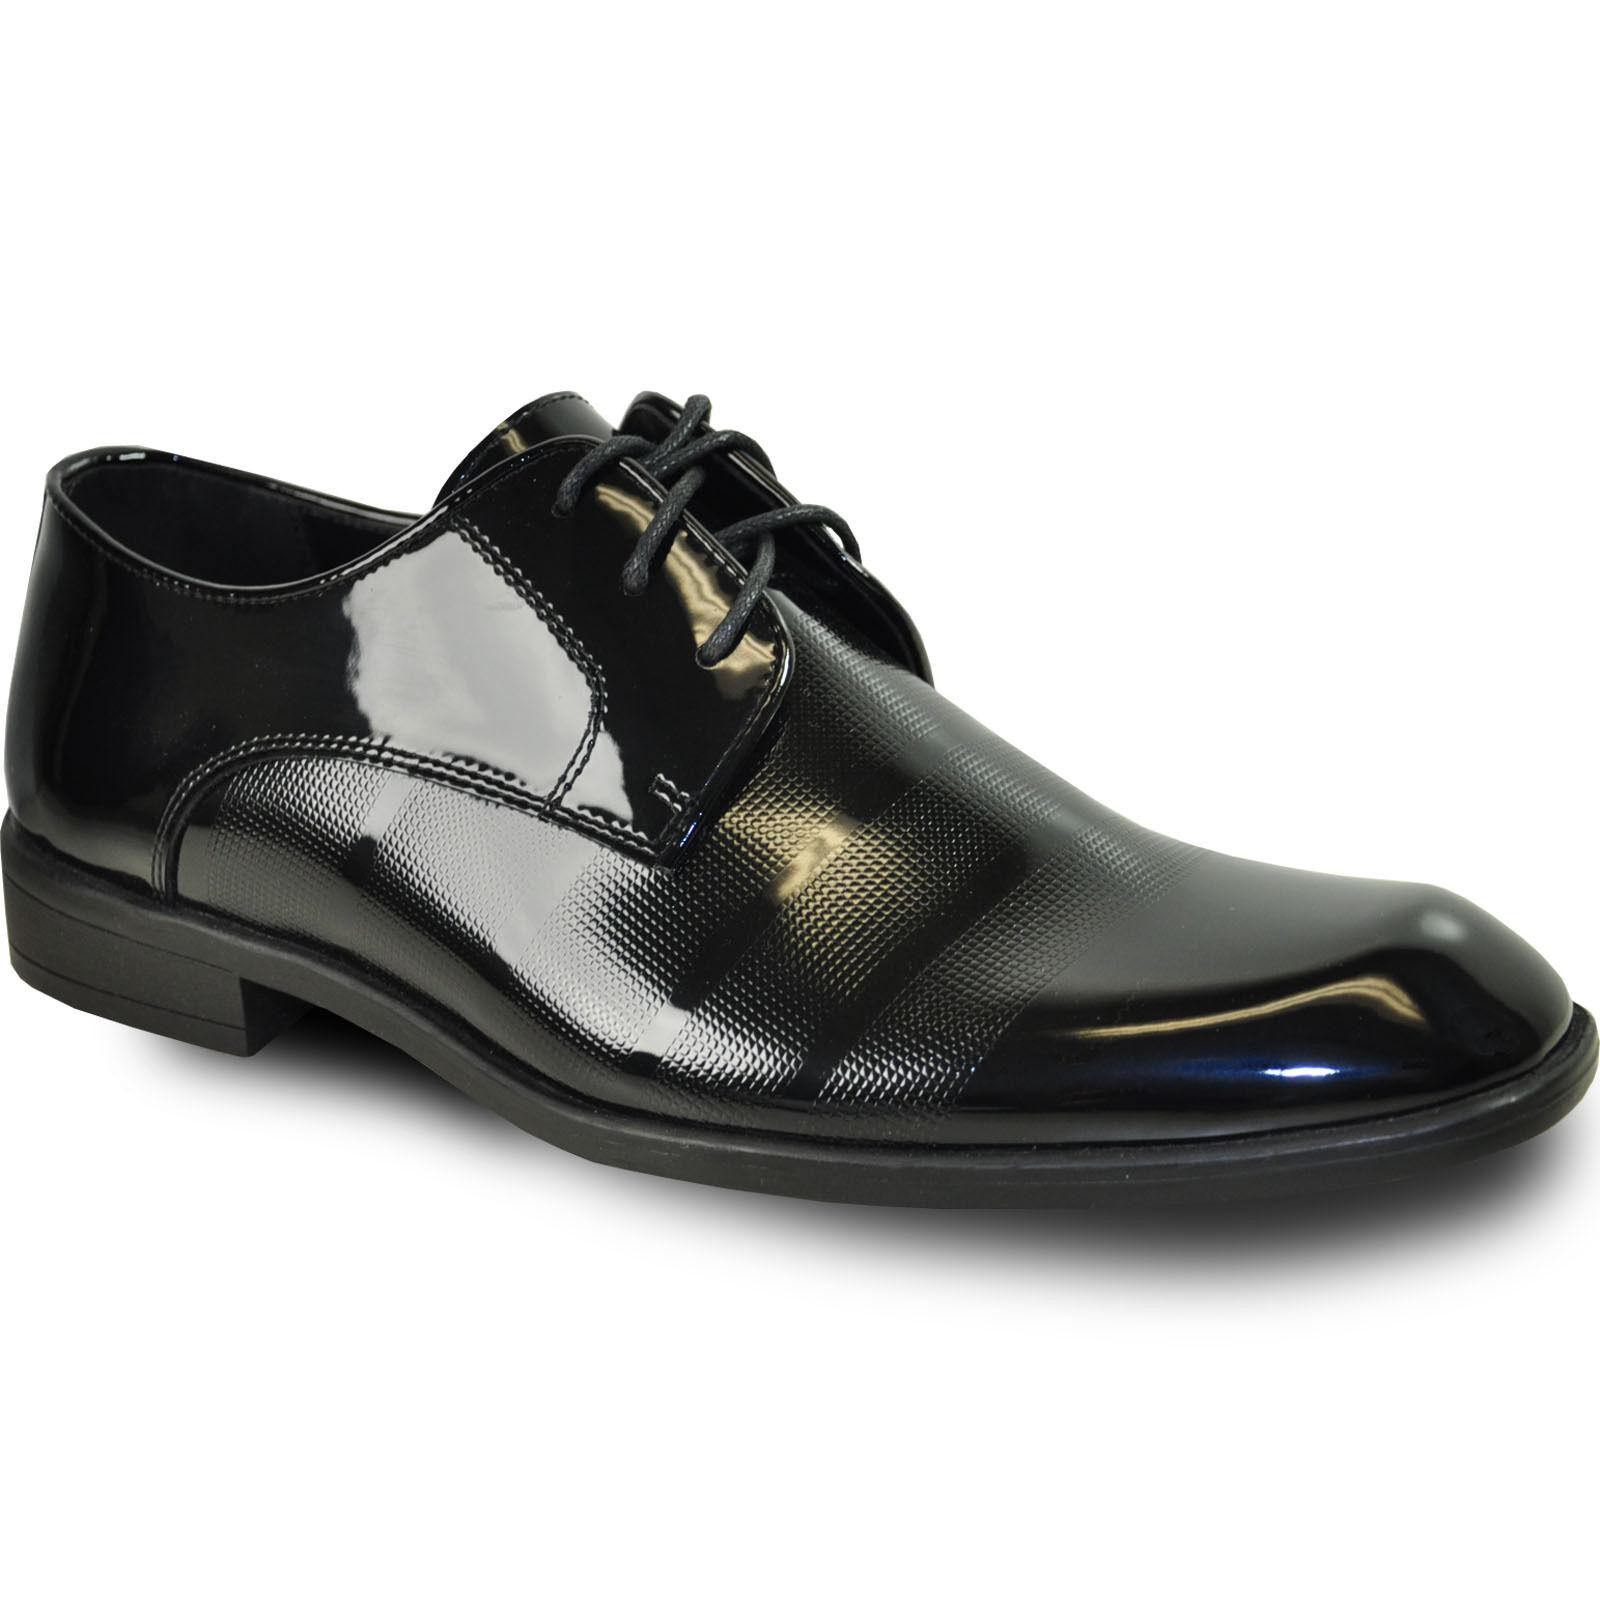 VANGELO Nouveau Hommes Tuxedo Chaussures Rockefeller for Formal mariage Noir Taille Jusqu'à 18